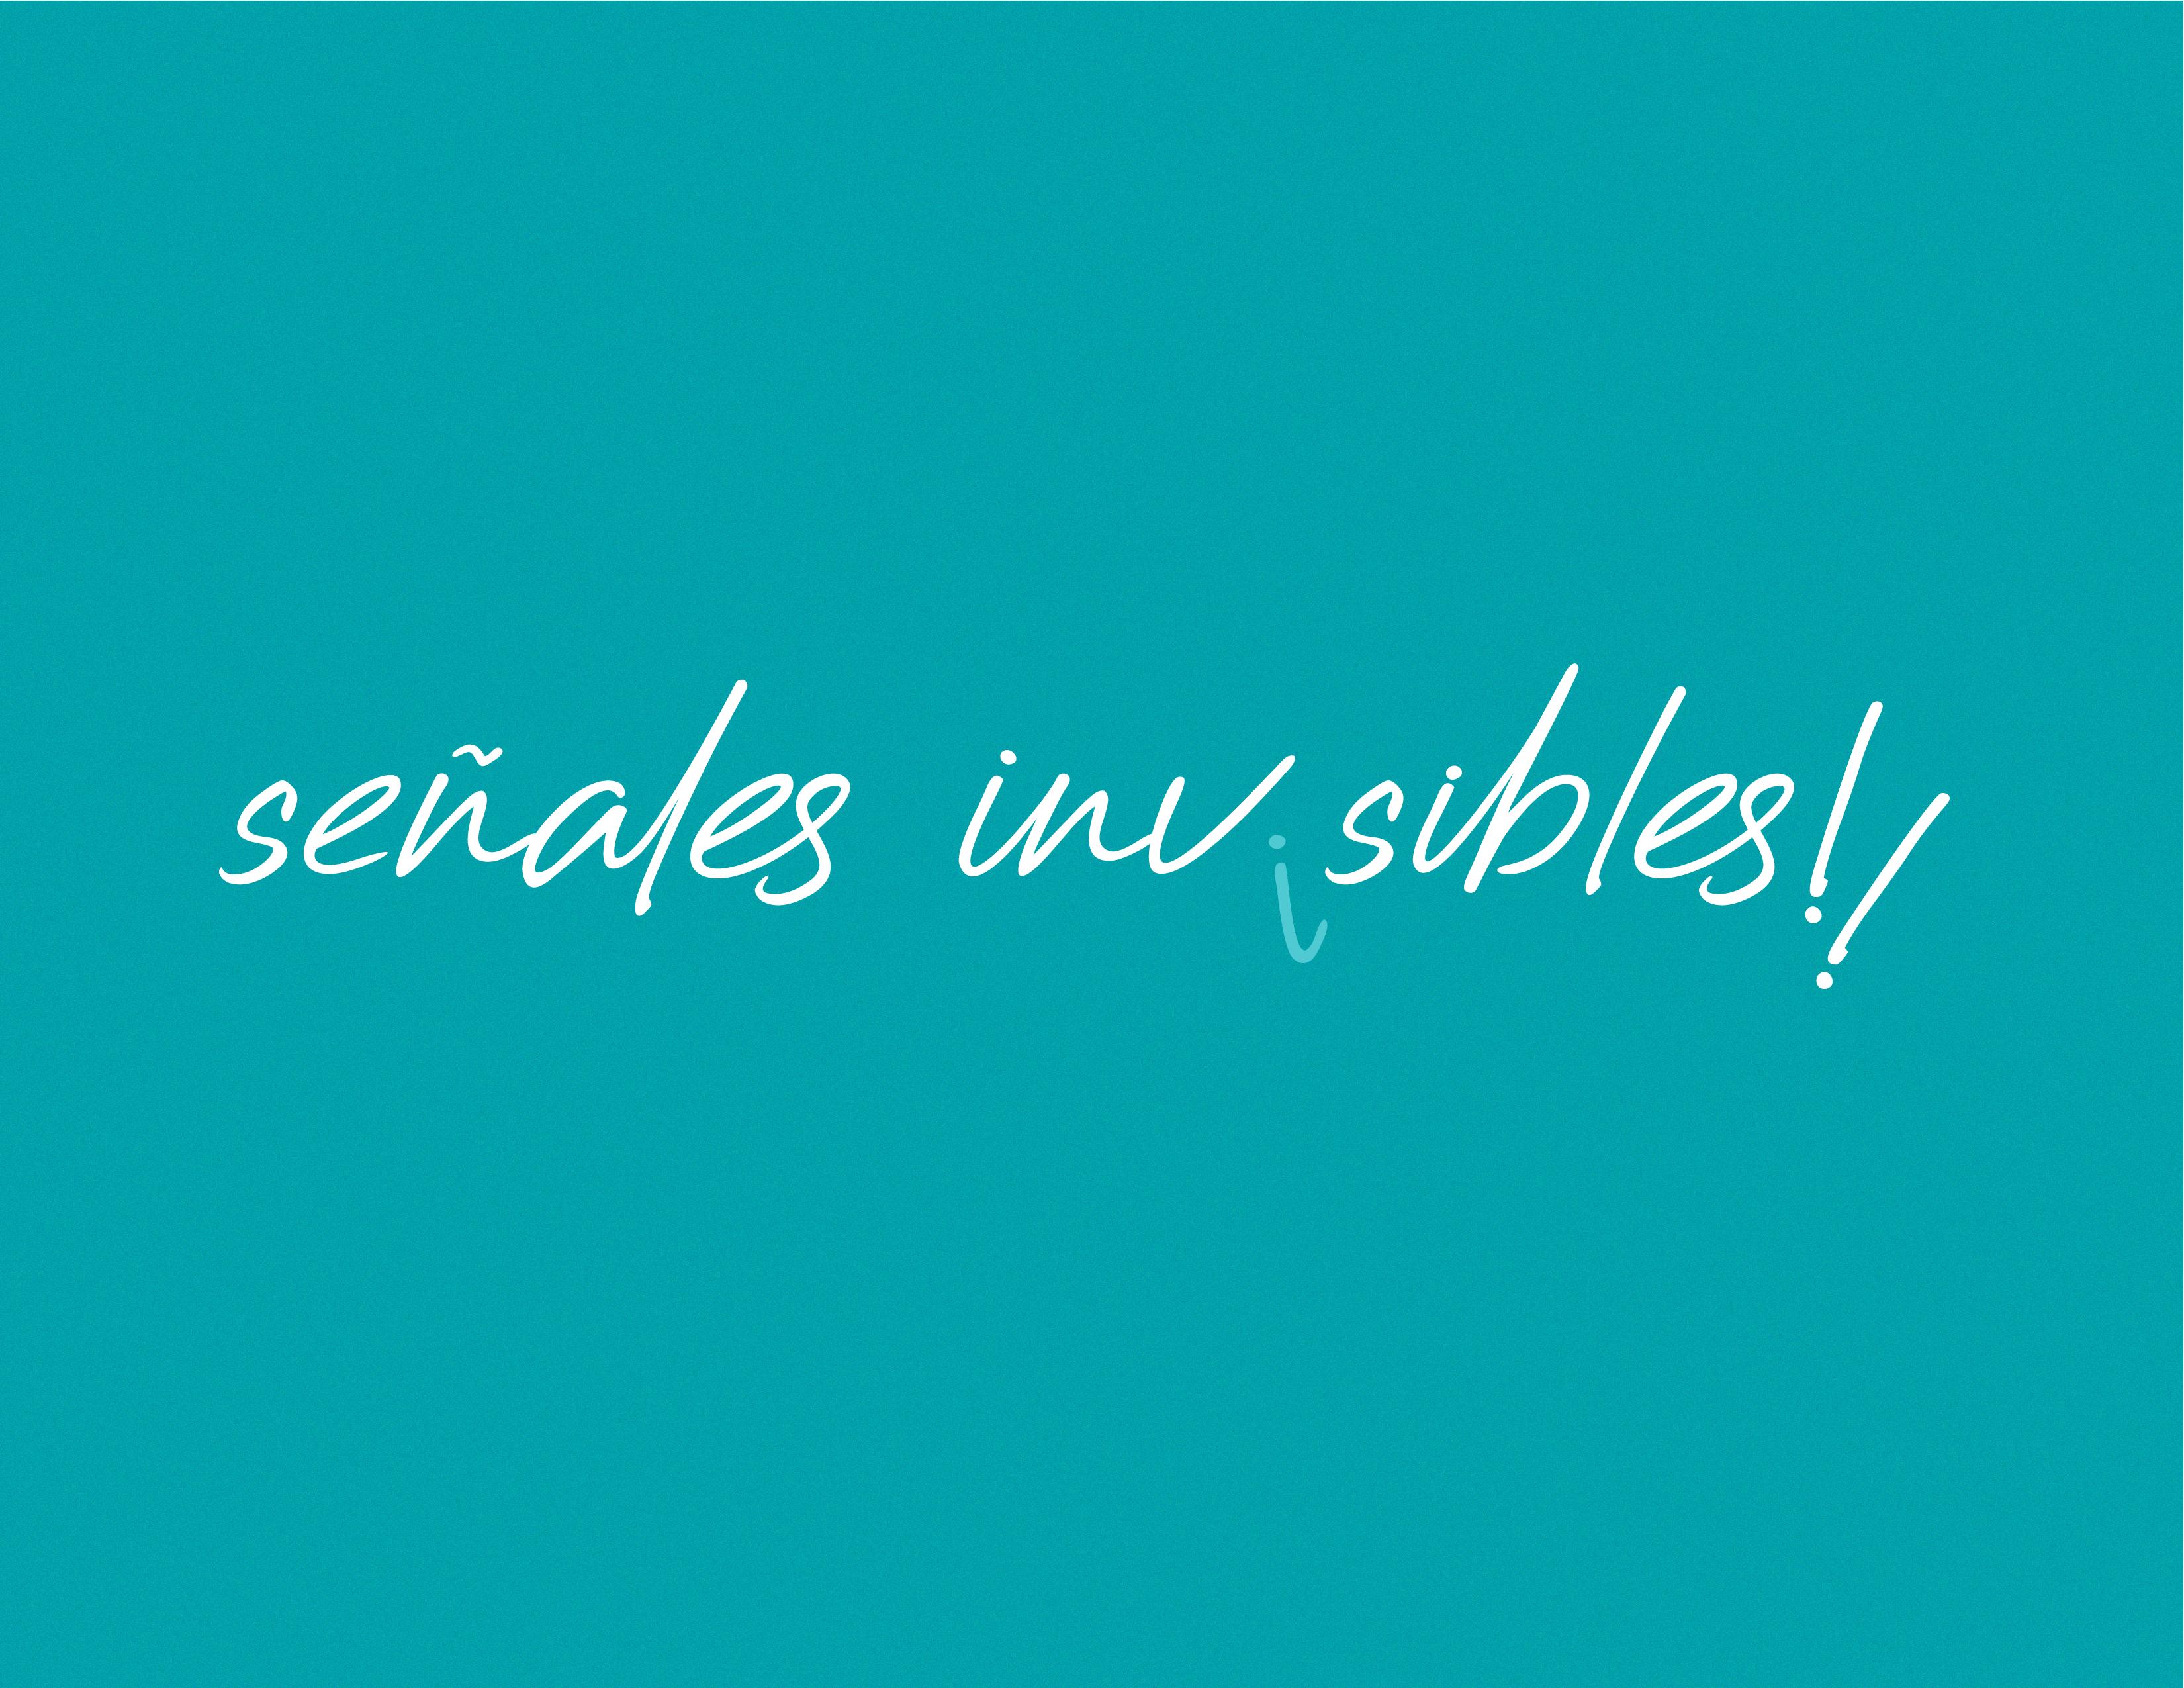 #FFPaciente apuesta por las #SeñalesInvisibles del Parkinson